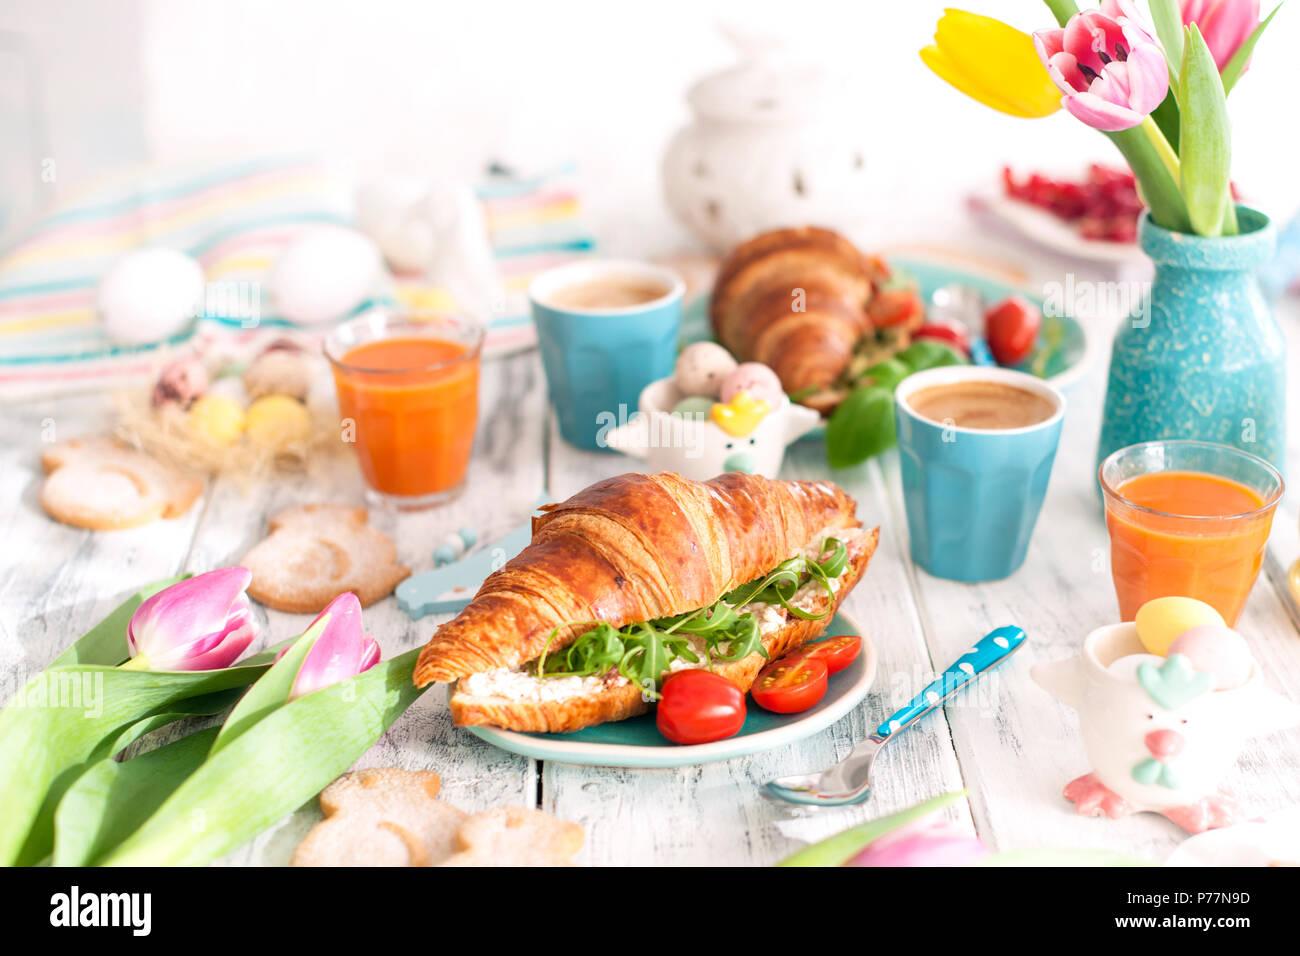 Sfondo con colori diversi. Un family colazione con croissant con rucola e formaggi e caffè aromatico, uova di differenti colori, luminoso piatti e decorazioni di Pasqua, conigli in ceramica Immagini Stock